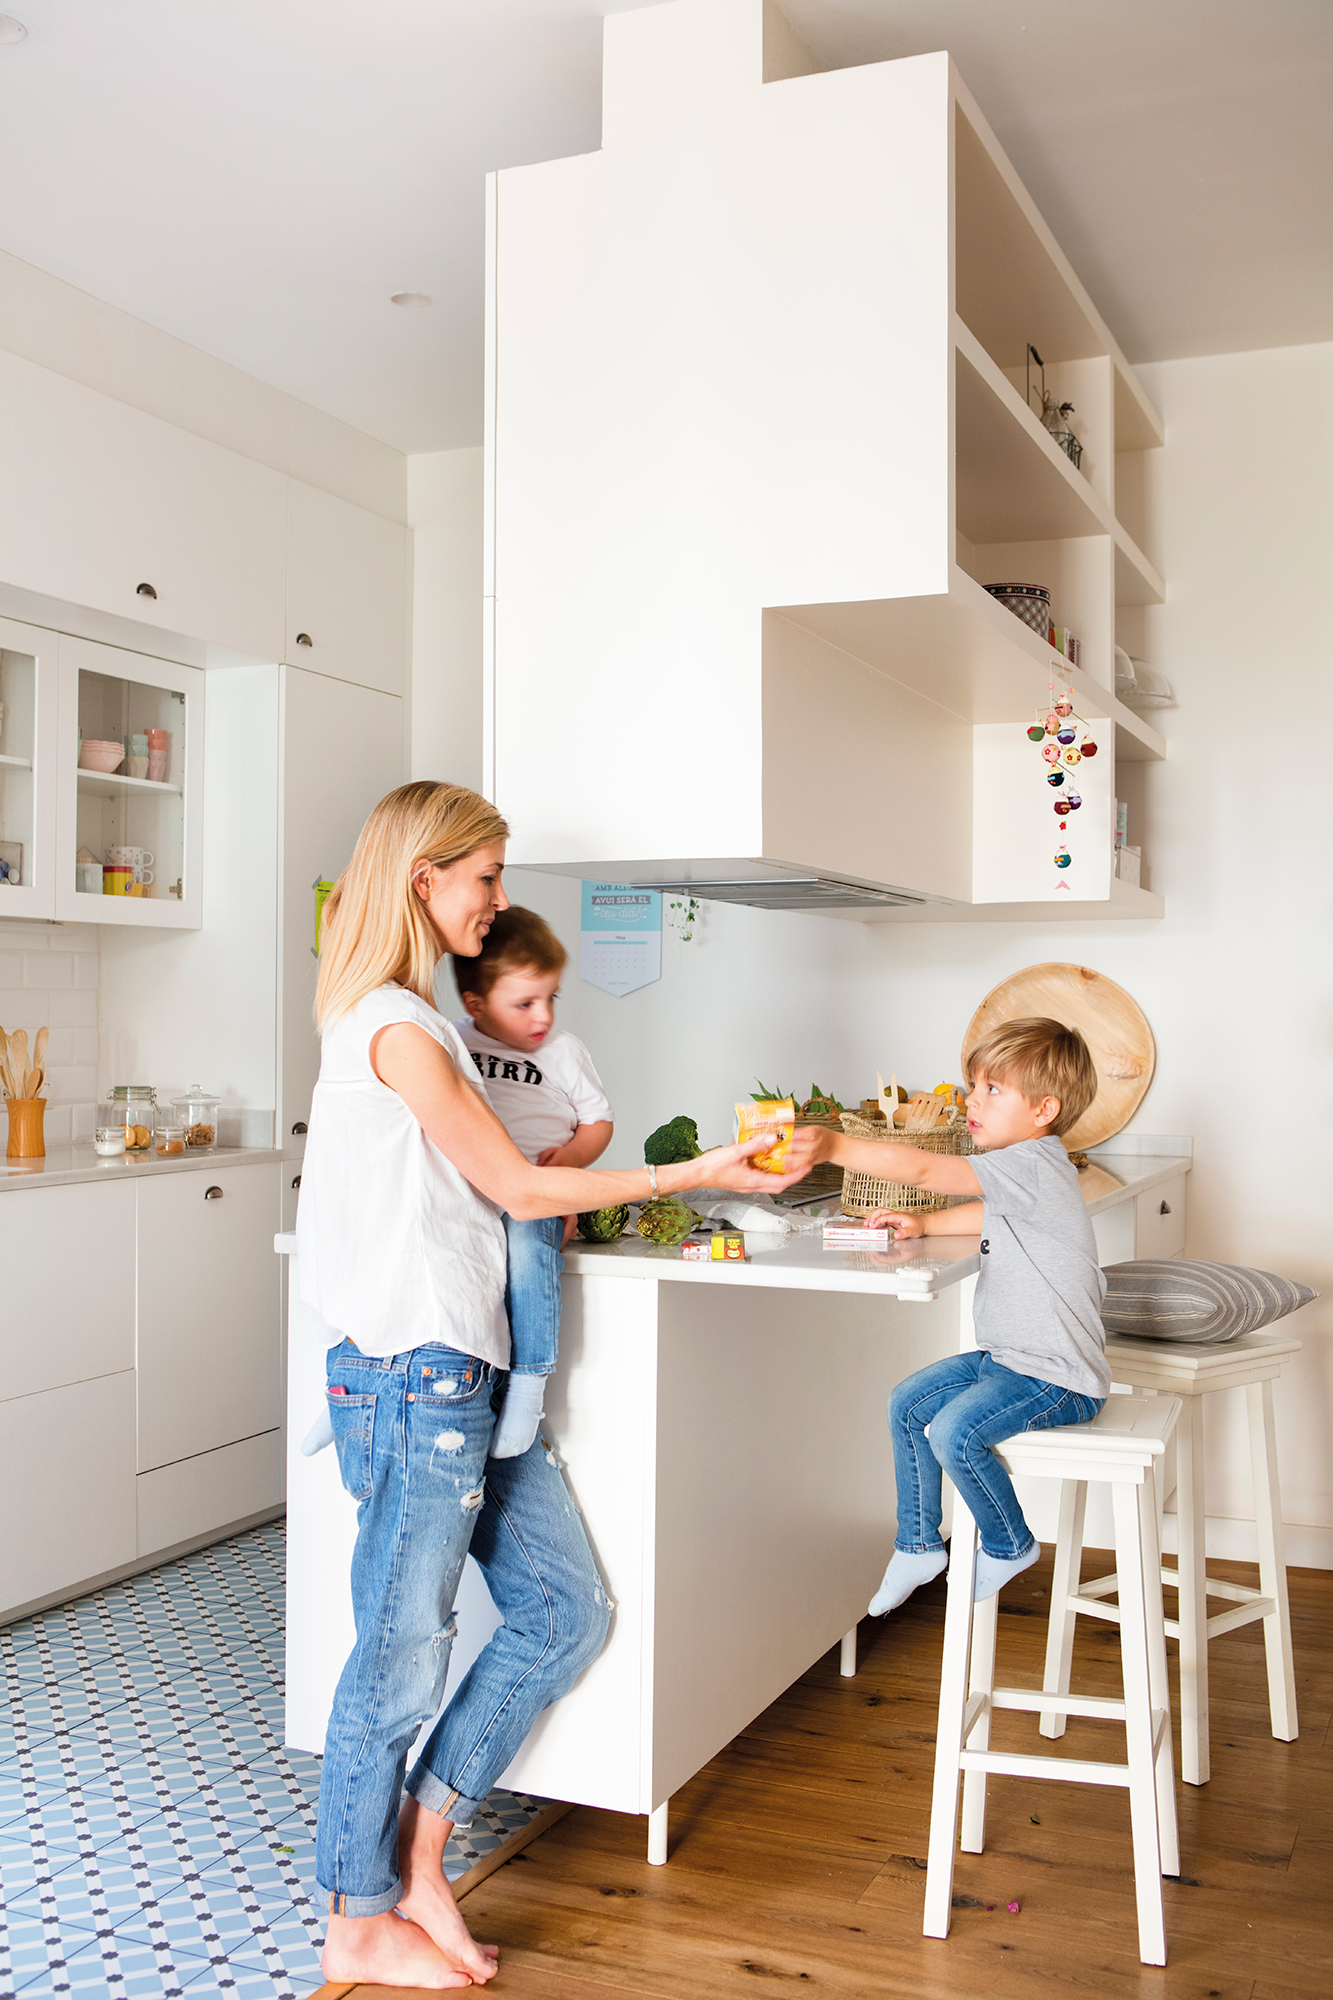 Cocinas muebles decoraci n dise o blancas o peque as for Iluminacion departamentos pequenos